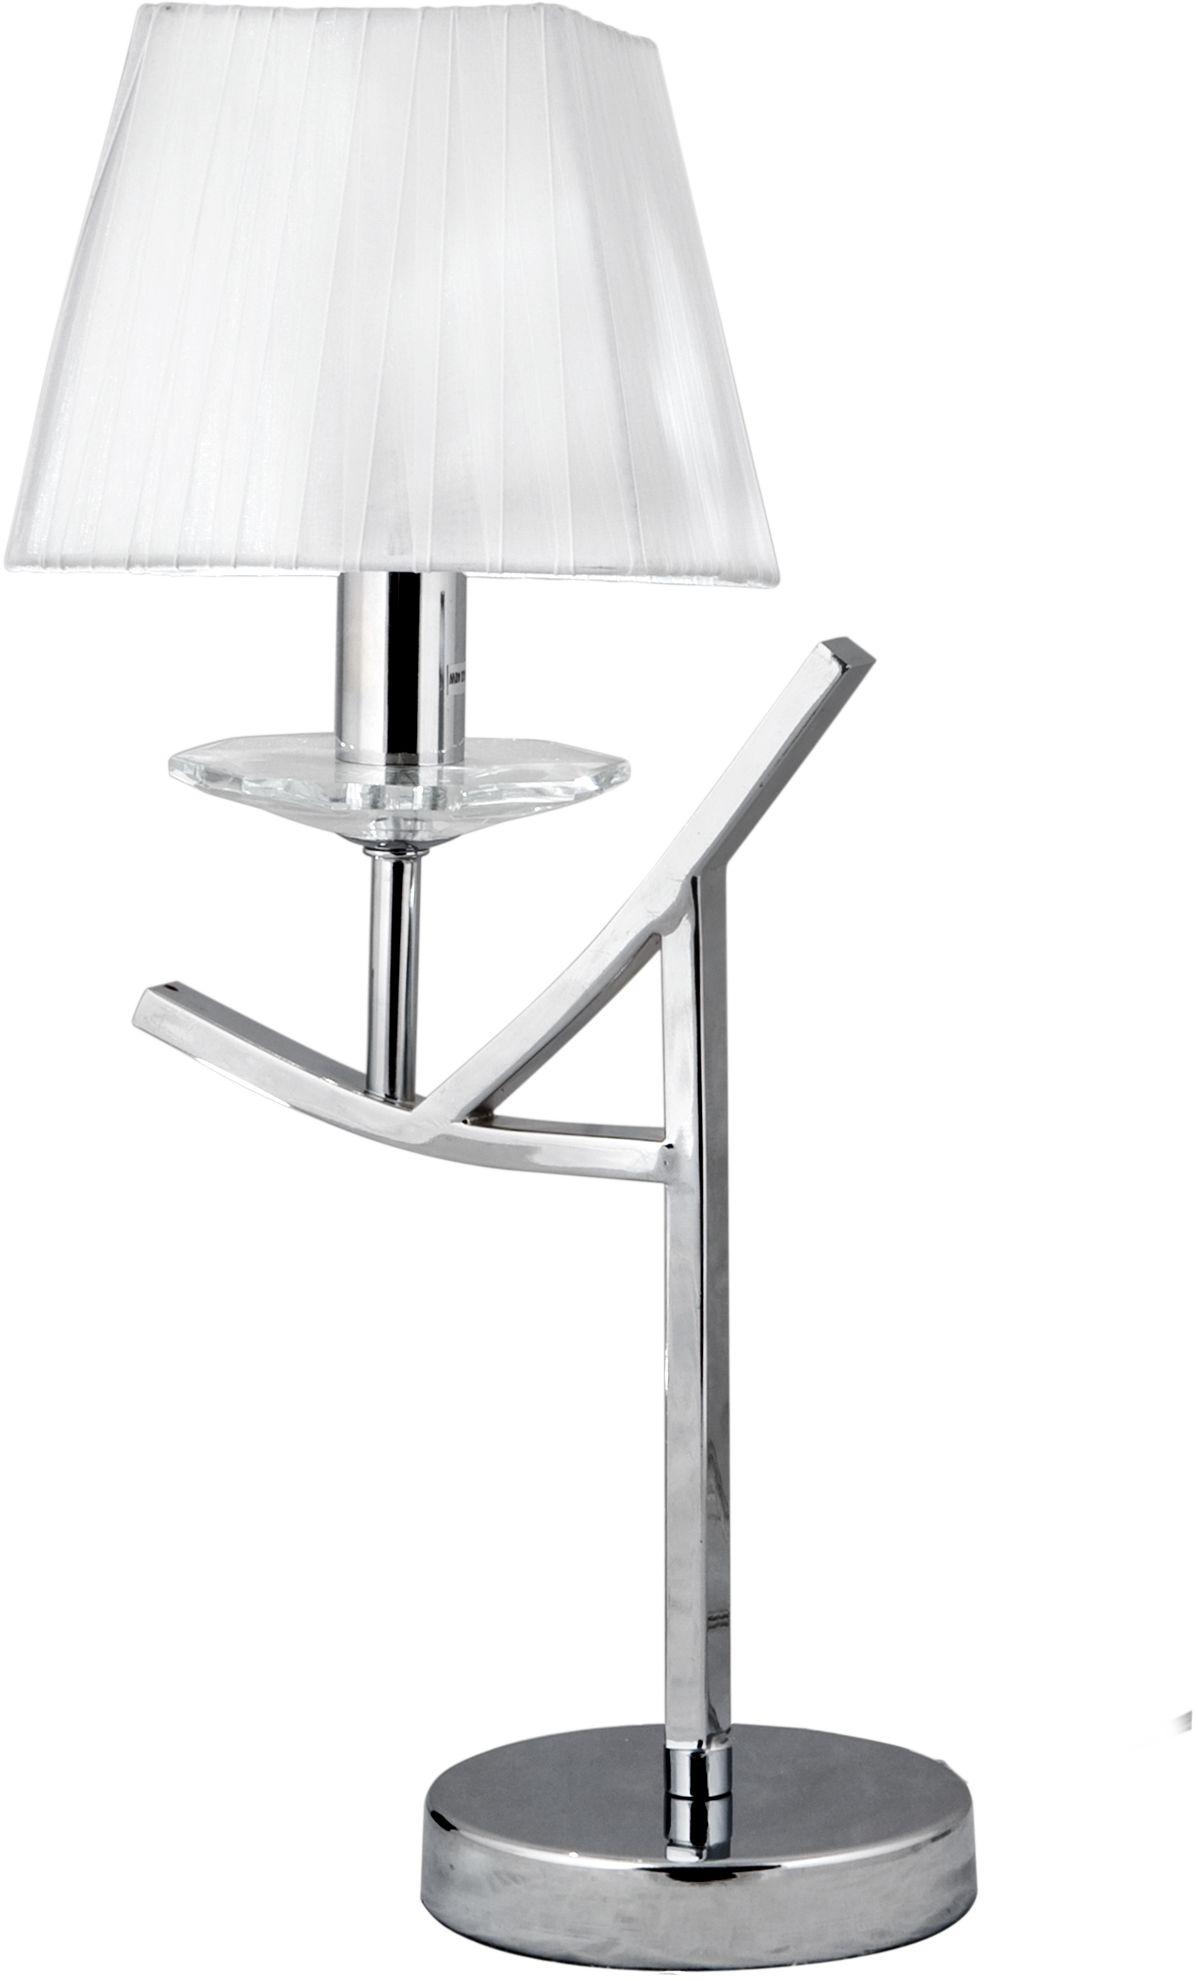 Candellux VALENCIA 41-84609 lampa stołowa chrom abażur 1X40W E14 28cm